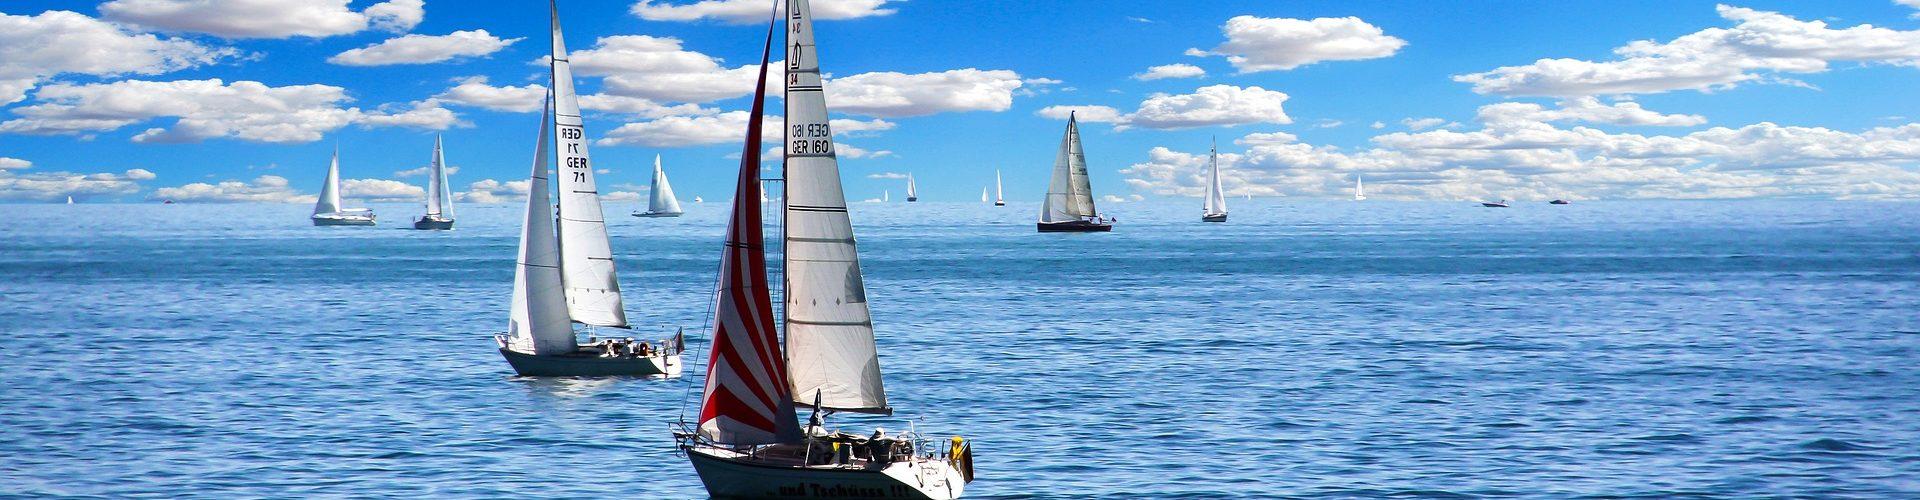 segeln lernen in Rheinbrohl segelschein machen in Rheinbrohl 1920x500 - Segeln lernen in Rheinbrohl